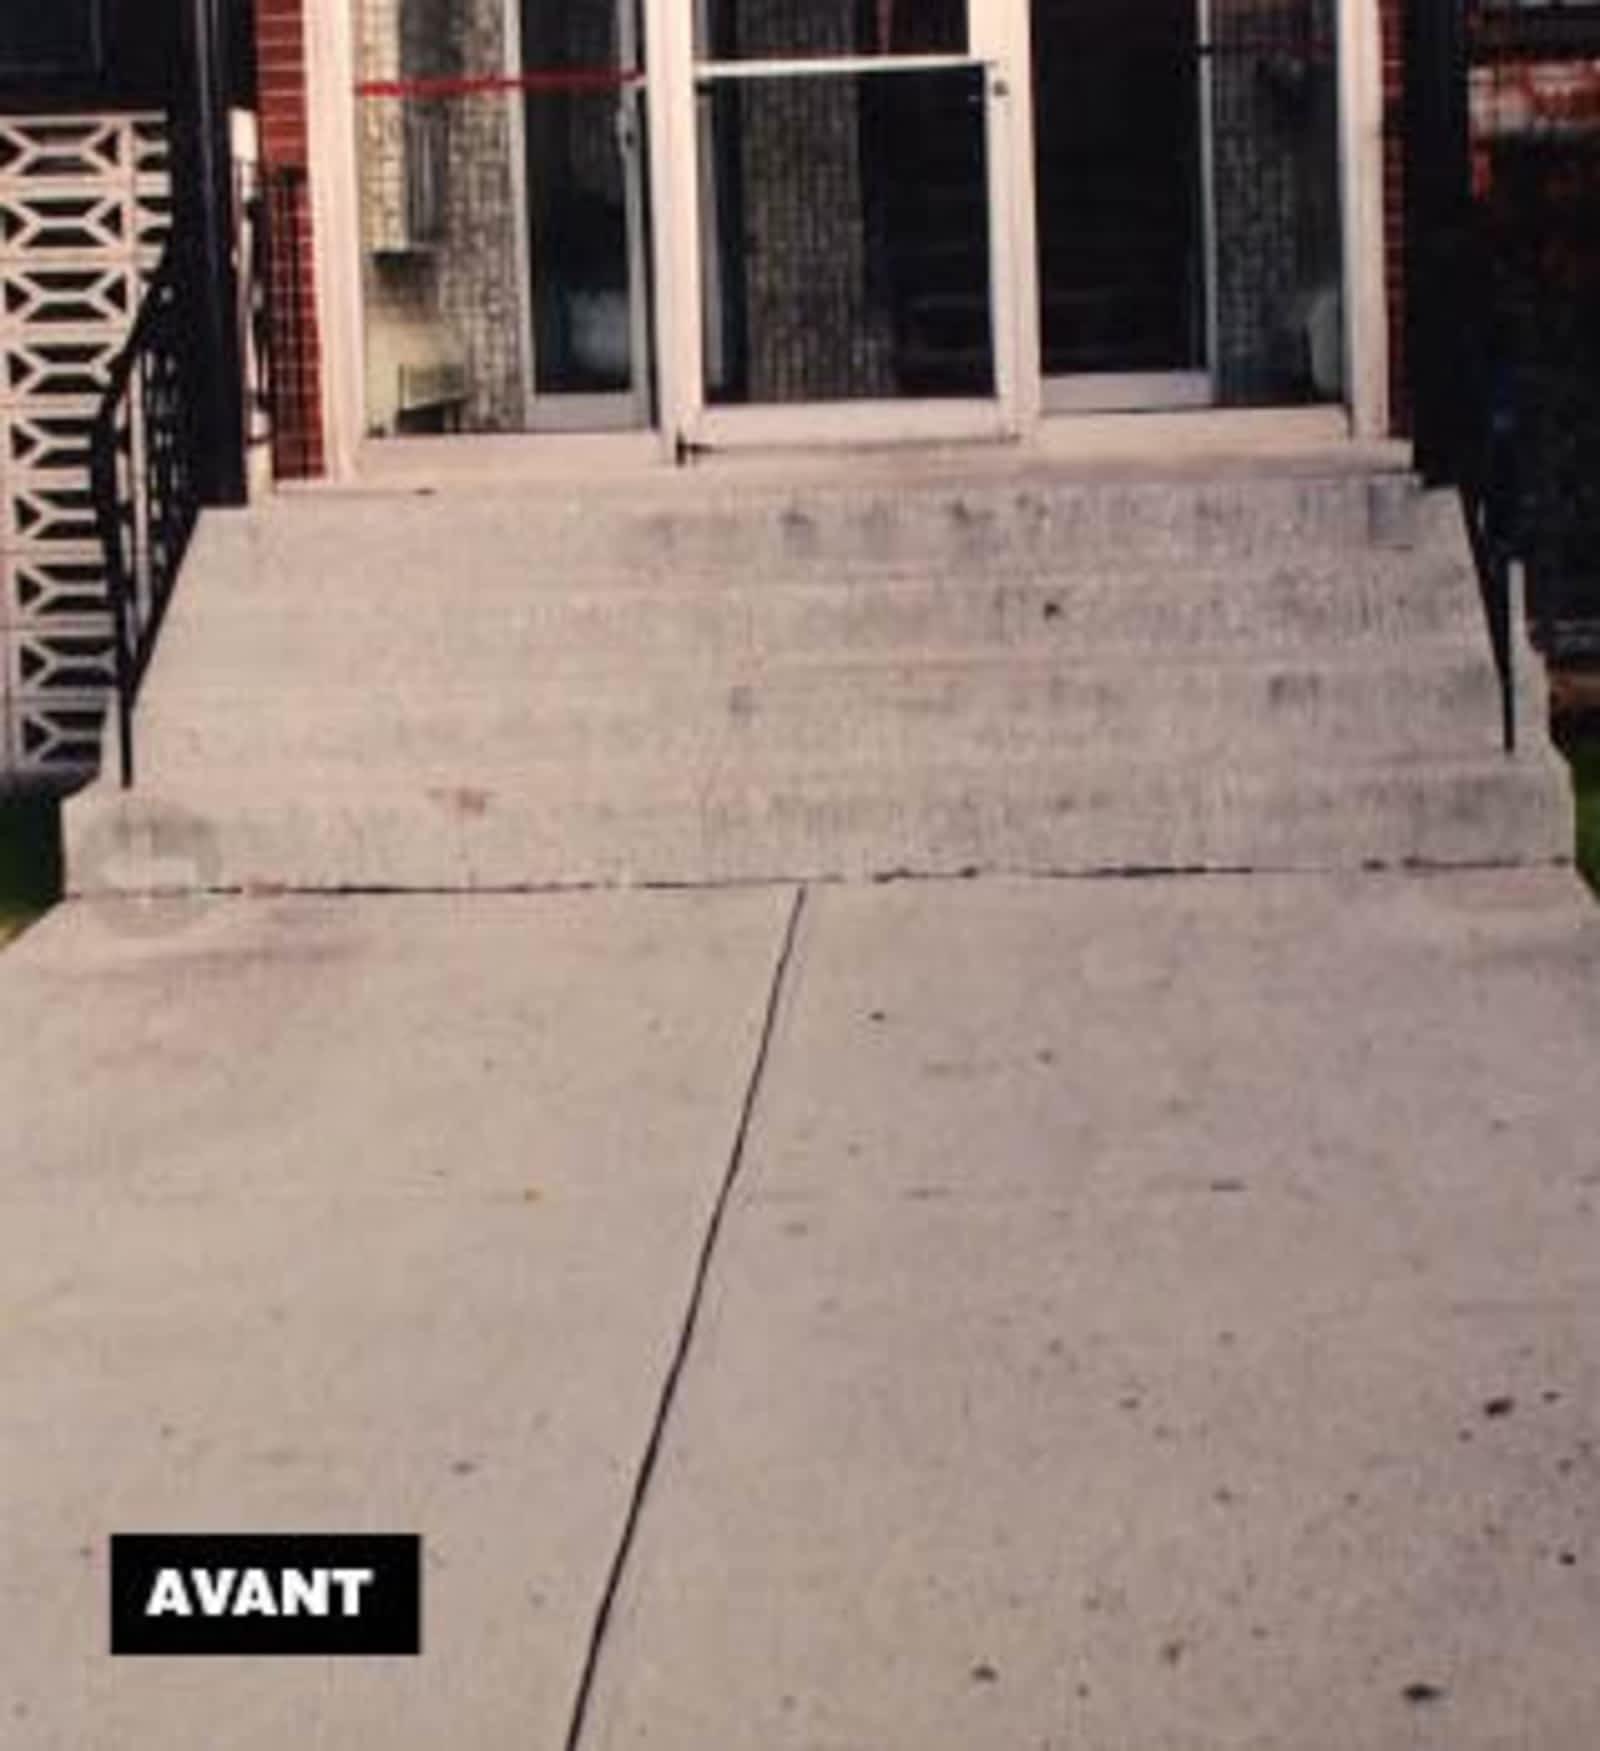 Art Beton deck'art béton - opening hours - 15 ch staynerville e, brownsburg